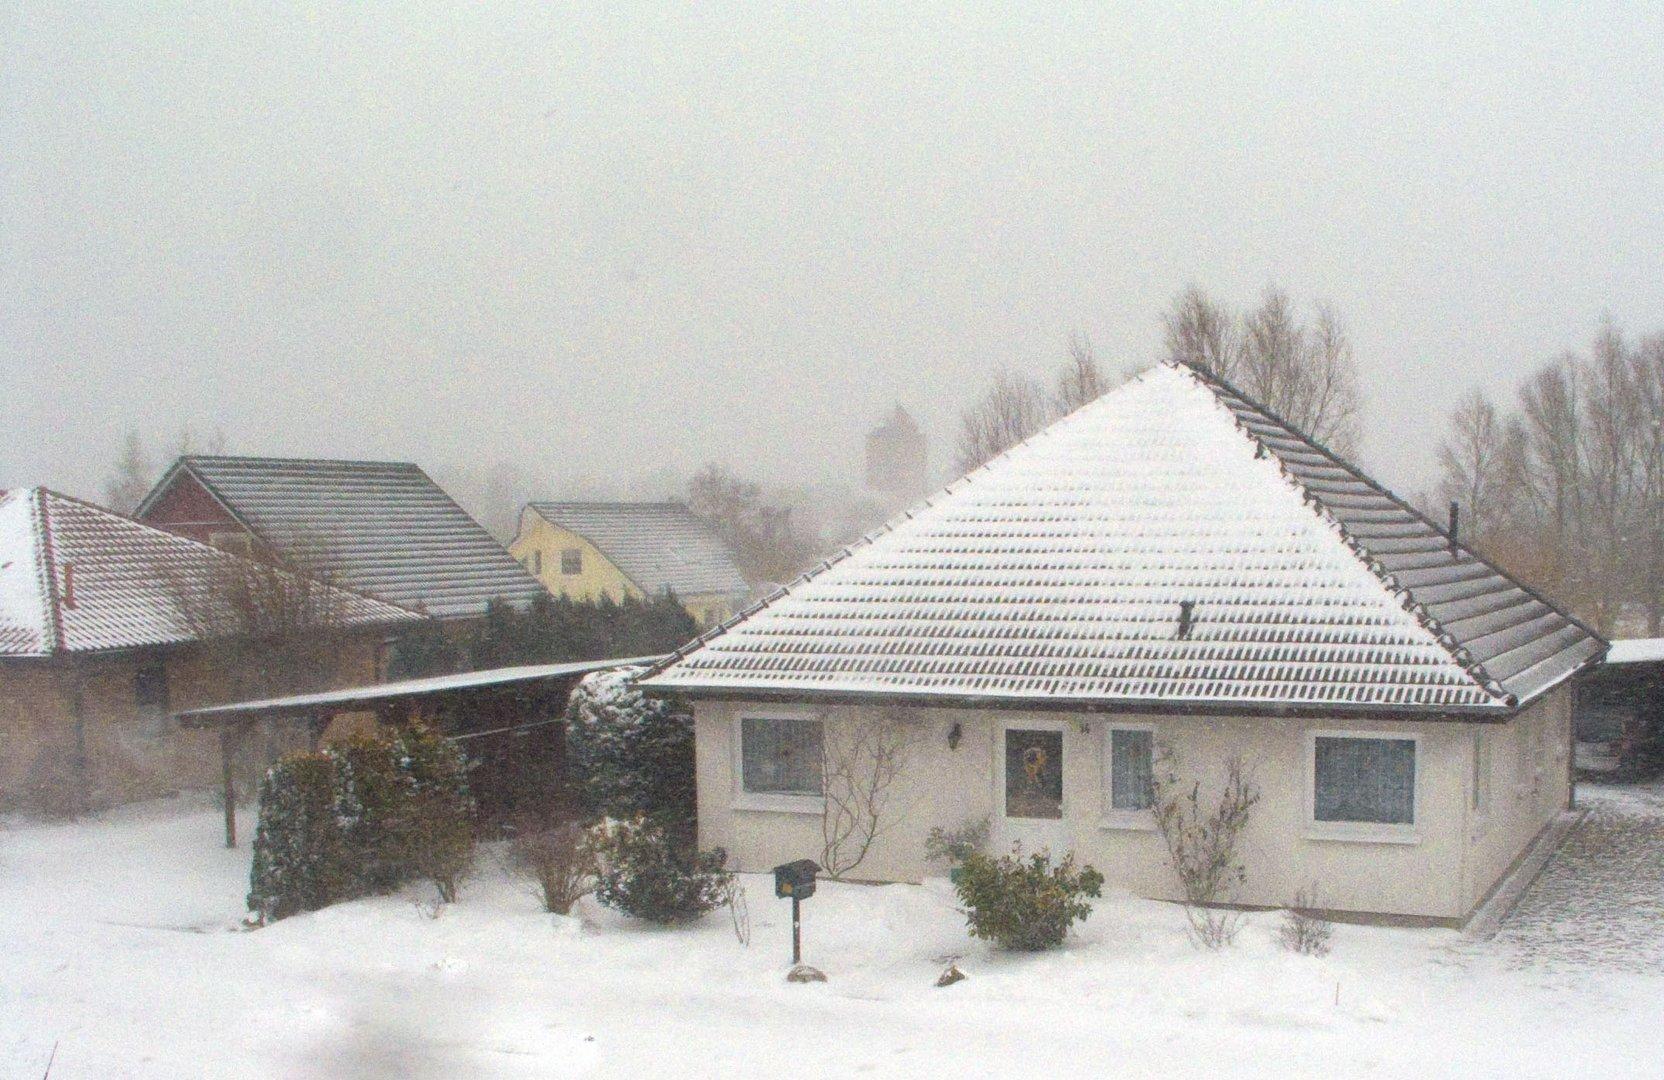 es ist doch noch Winter...